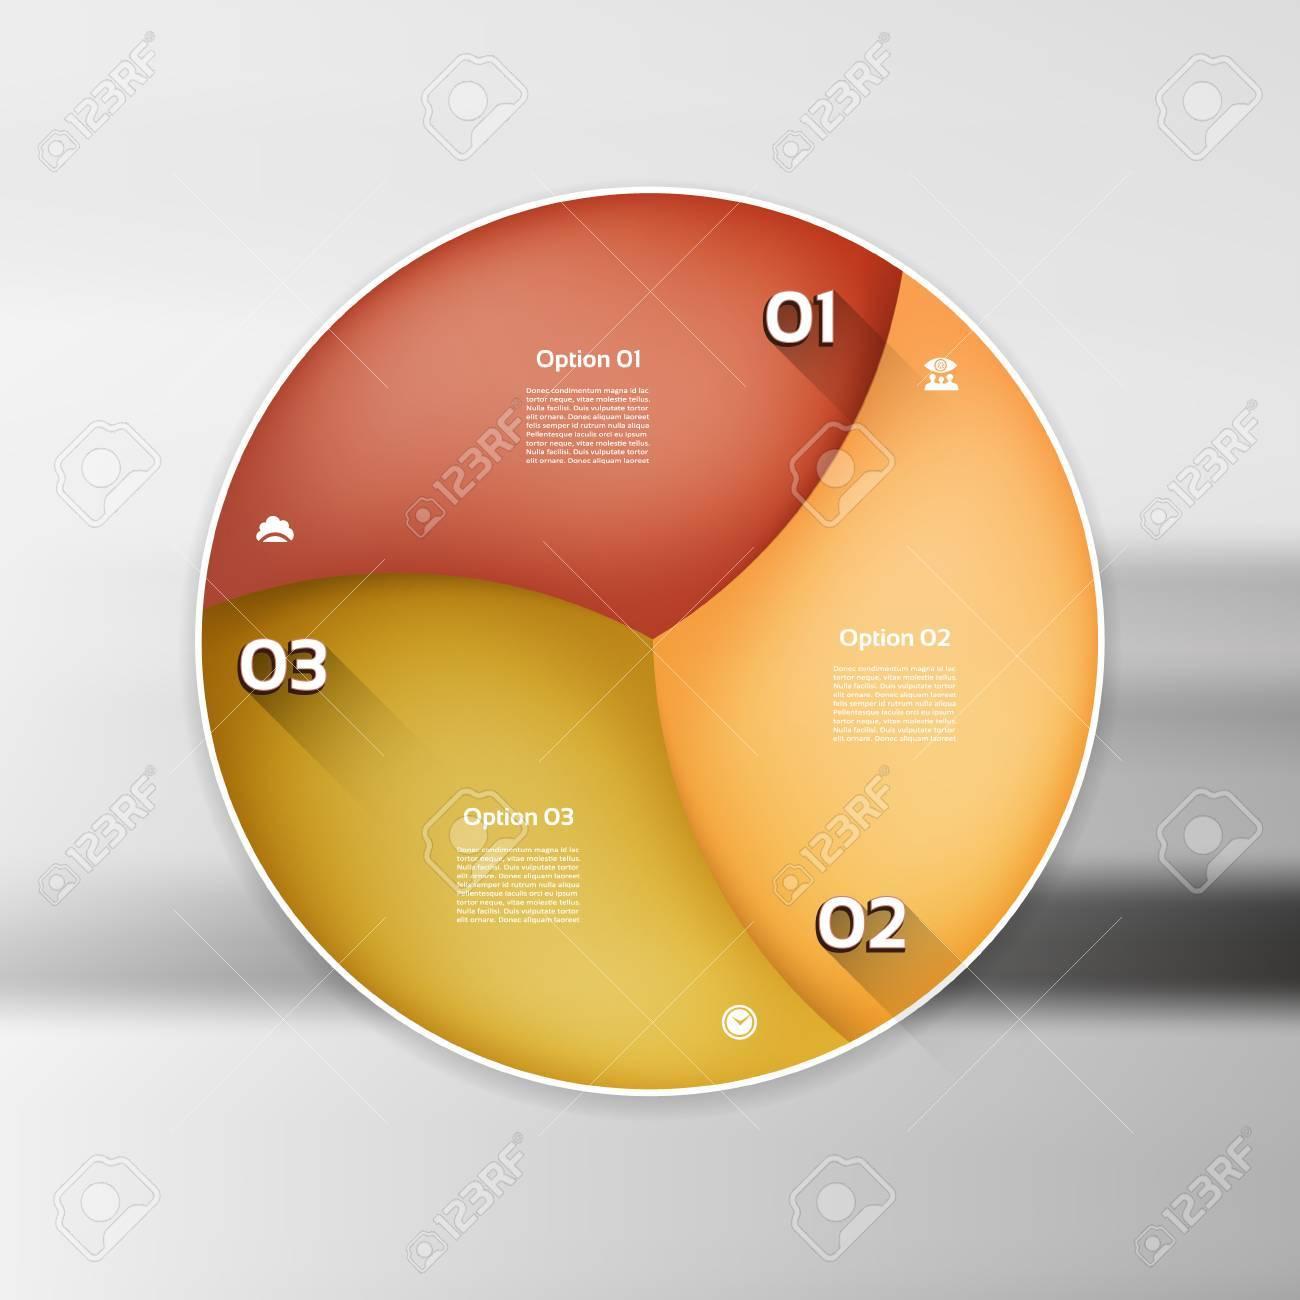 Vektor Infographic Kreis. Vorlage Für Grafik, Radfahren Diagramm ...